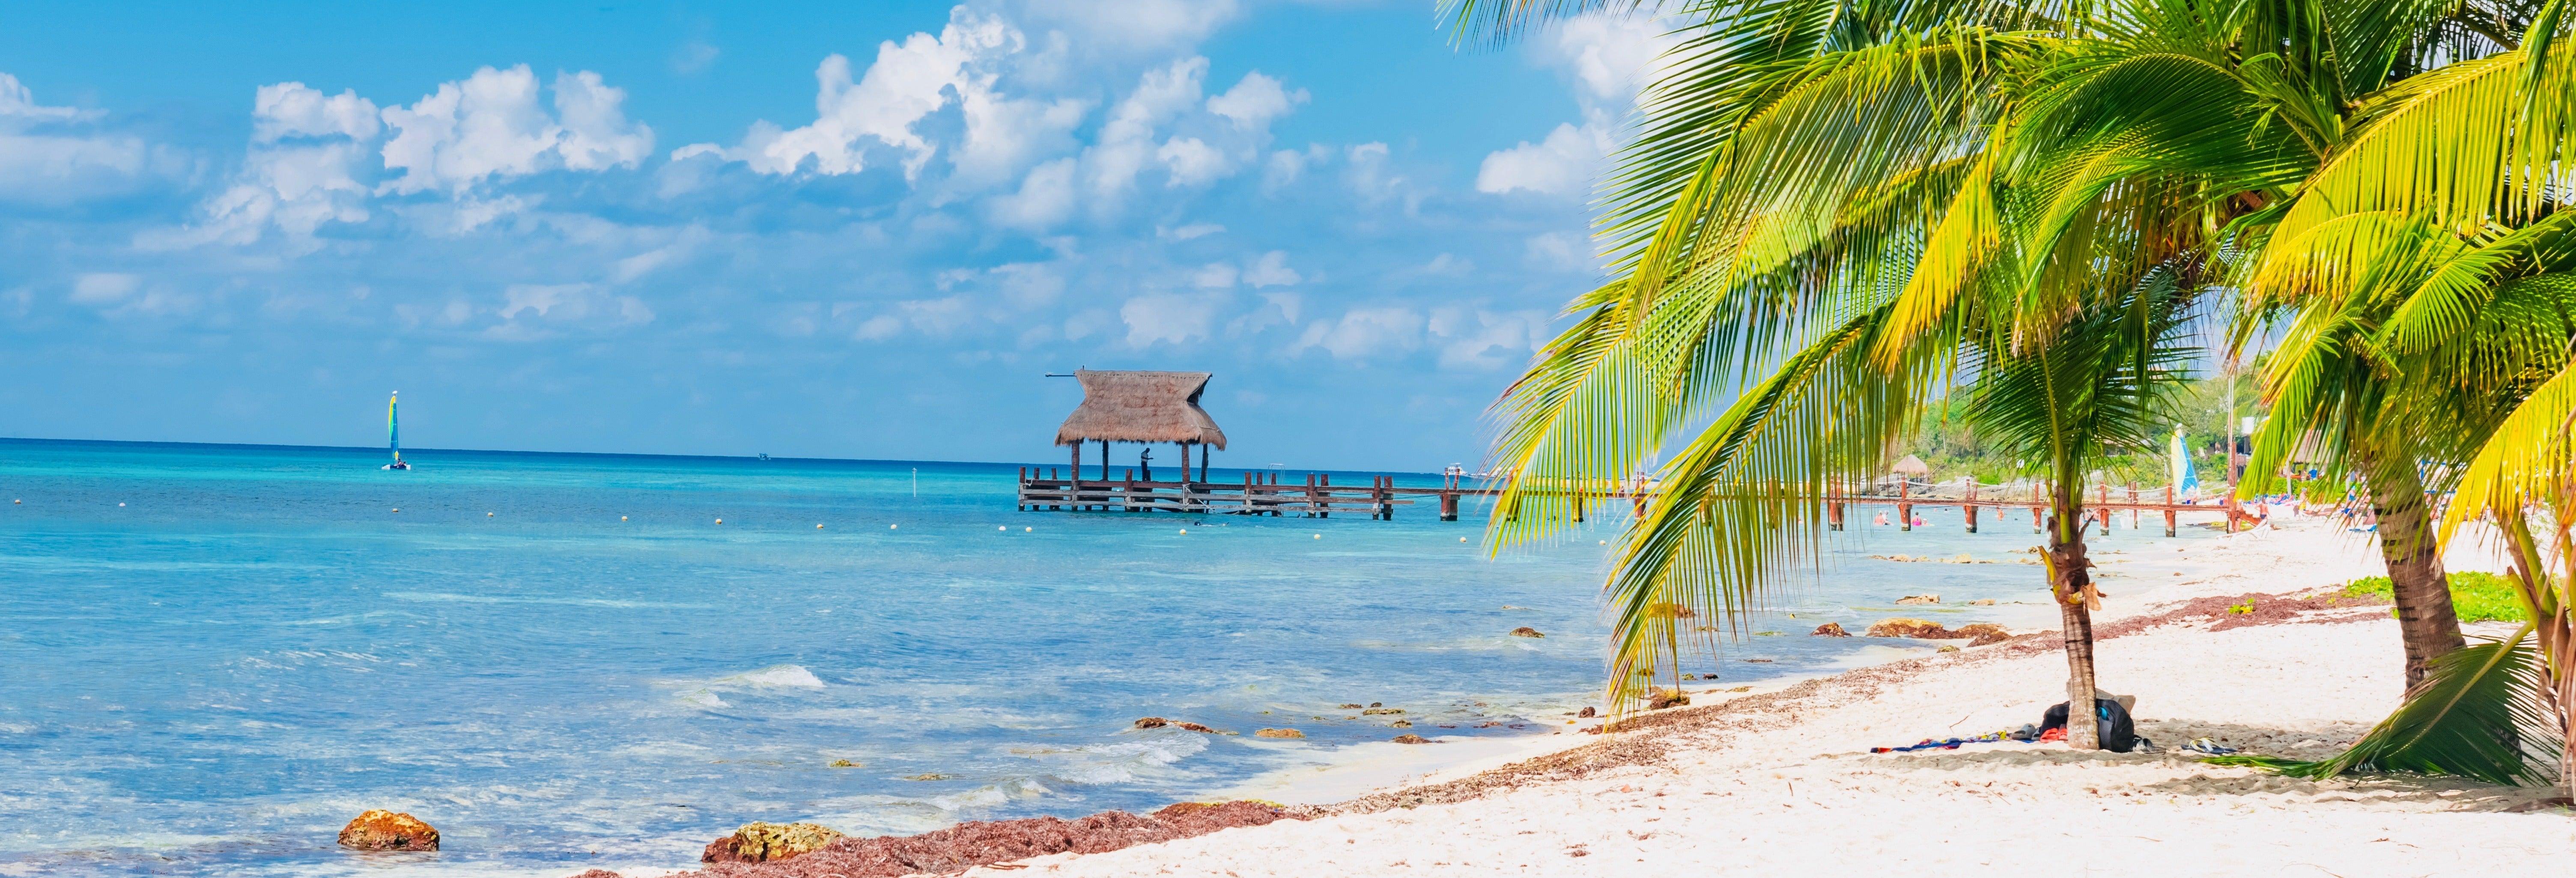 Escursione a Cozumel in barca